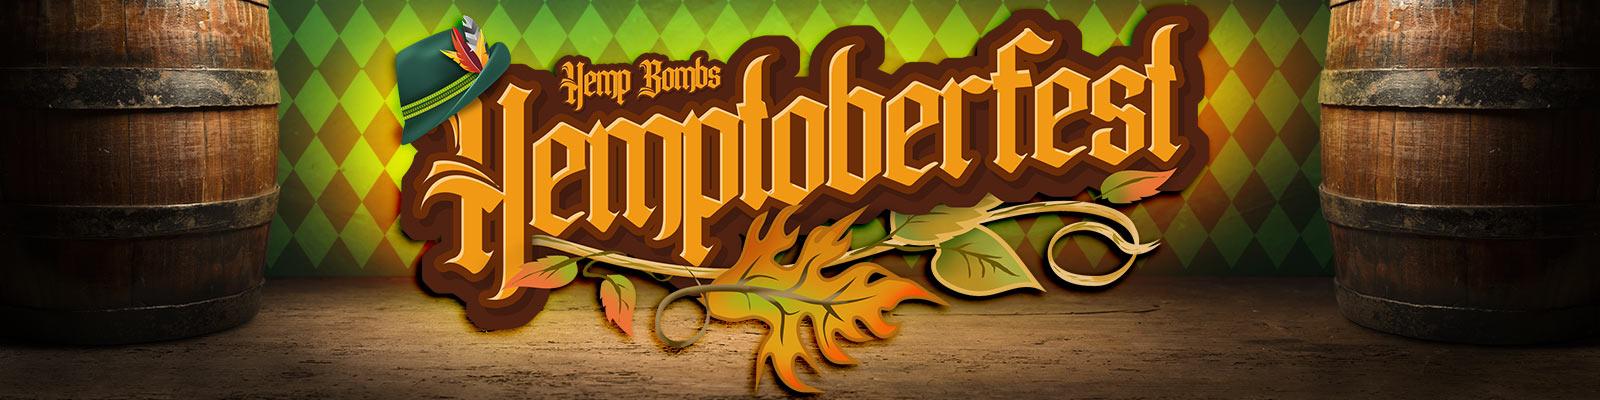 CBD Hemp Festival - Hemptoberfest 2020